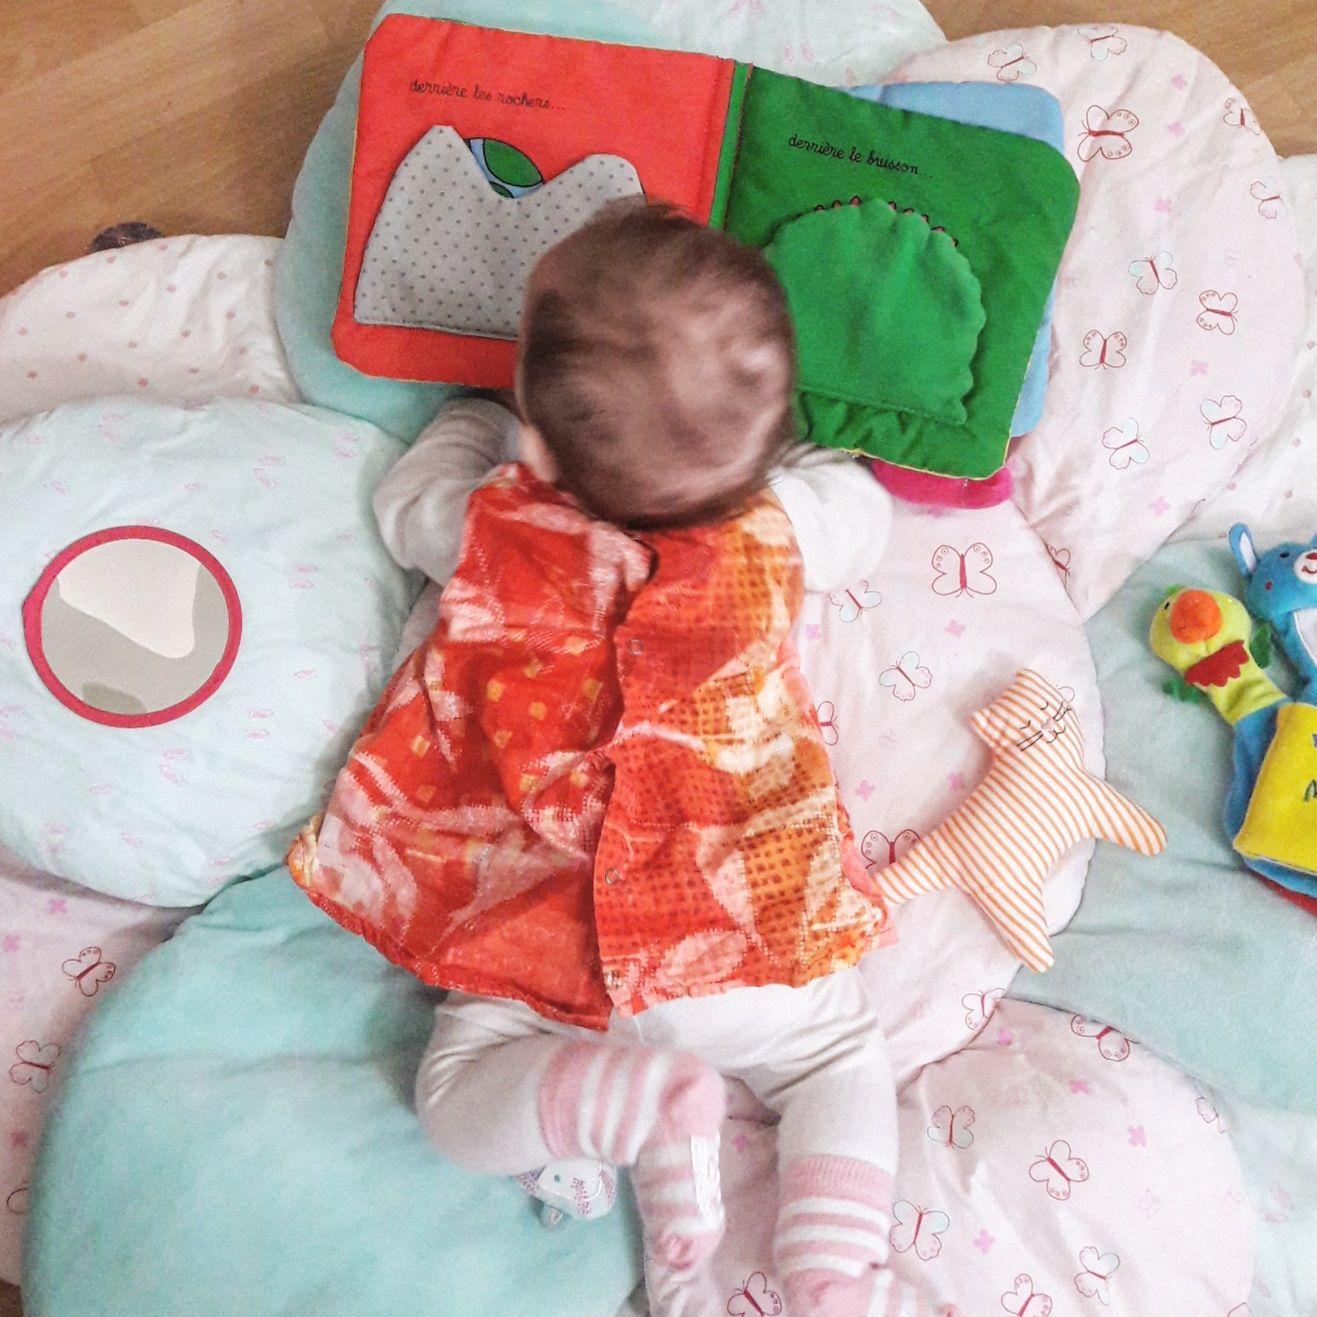 9 livres pour bébés 0-6 mois pour s'amuser et s'éveiller